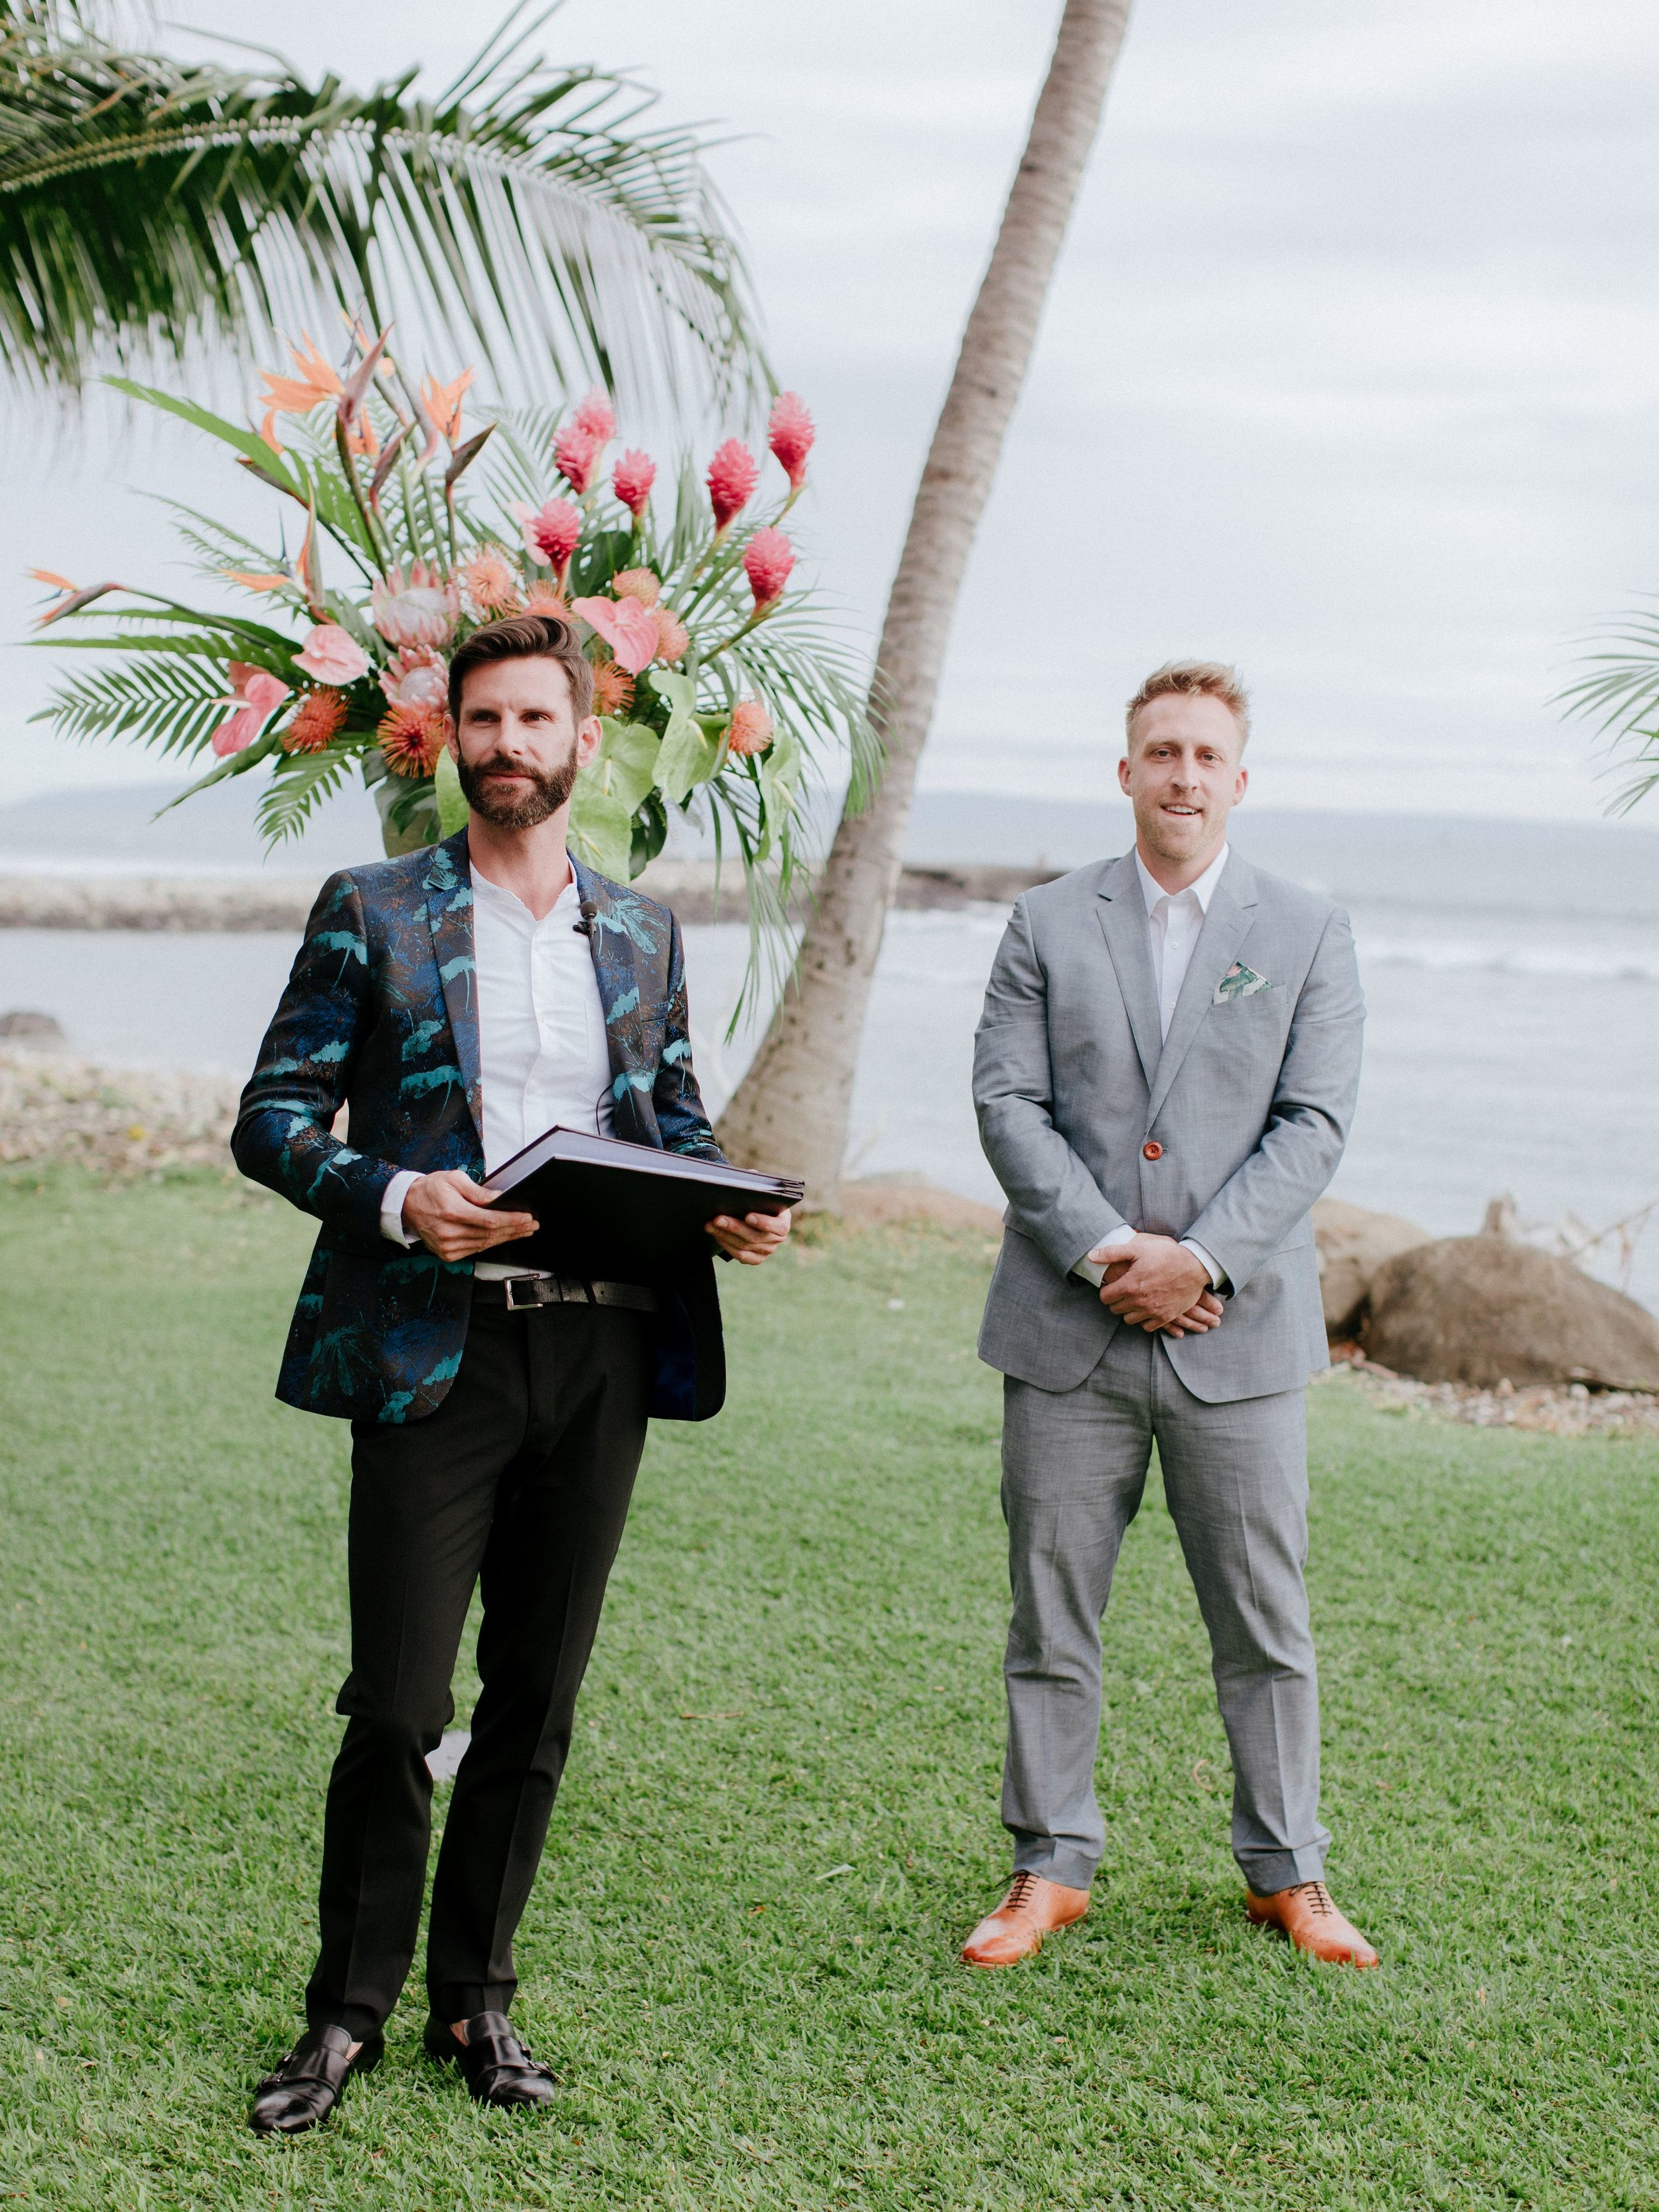 Chris-J-Evans-maui-wedding-JA1693.jpg